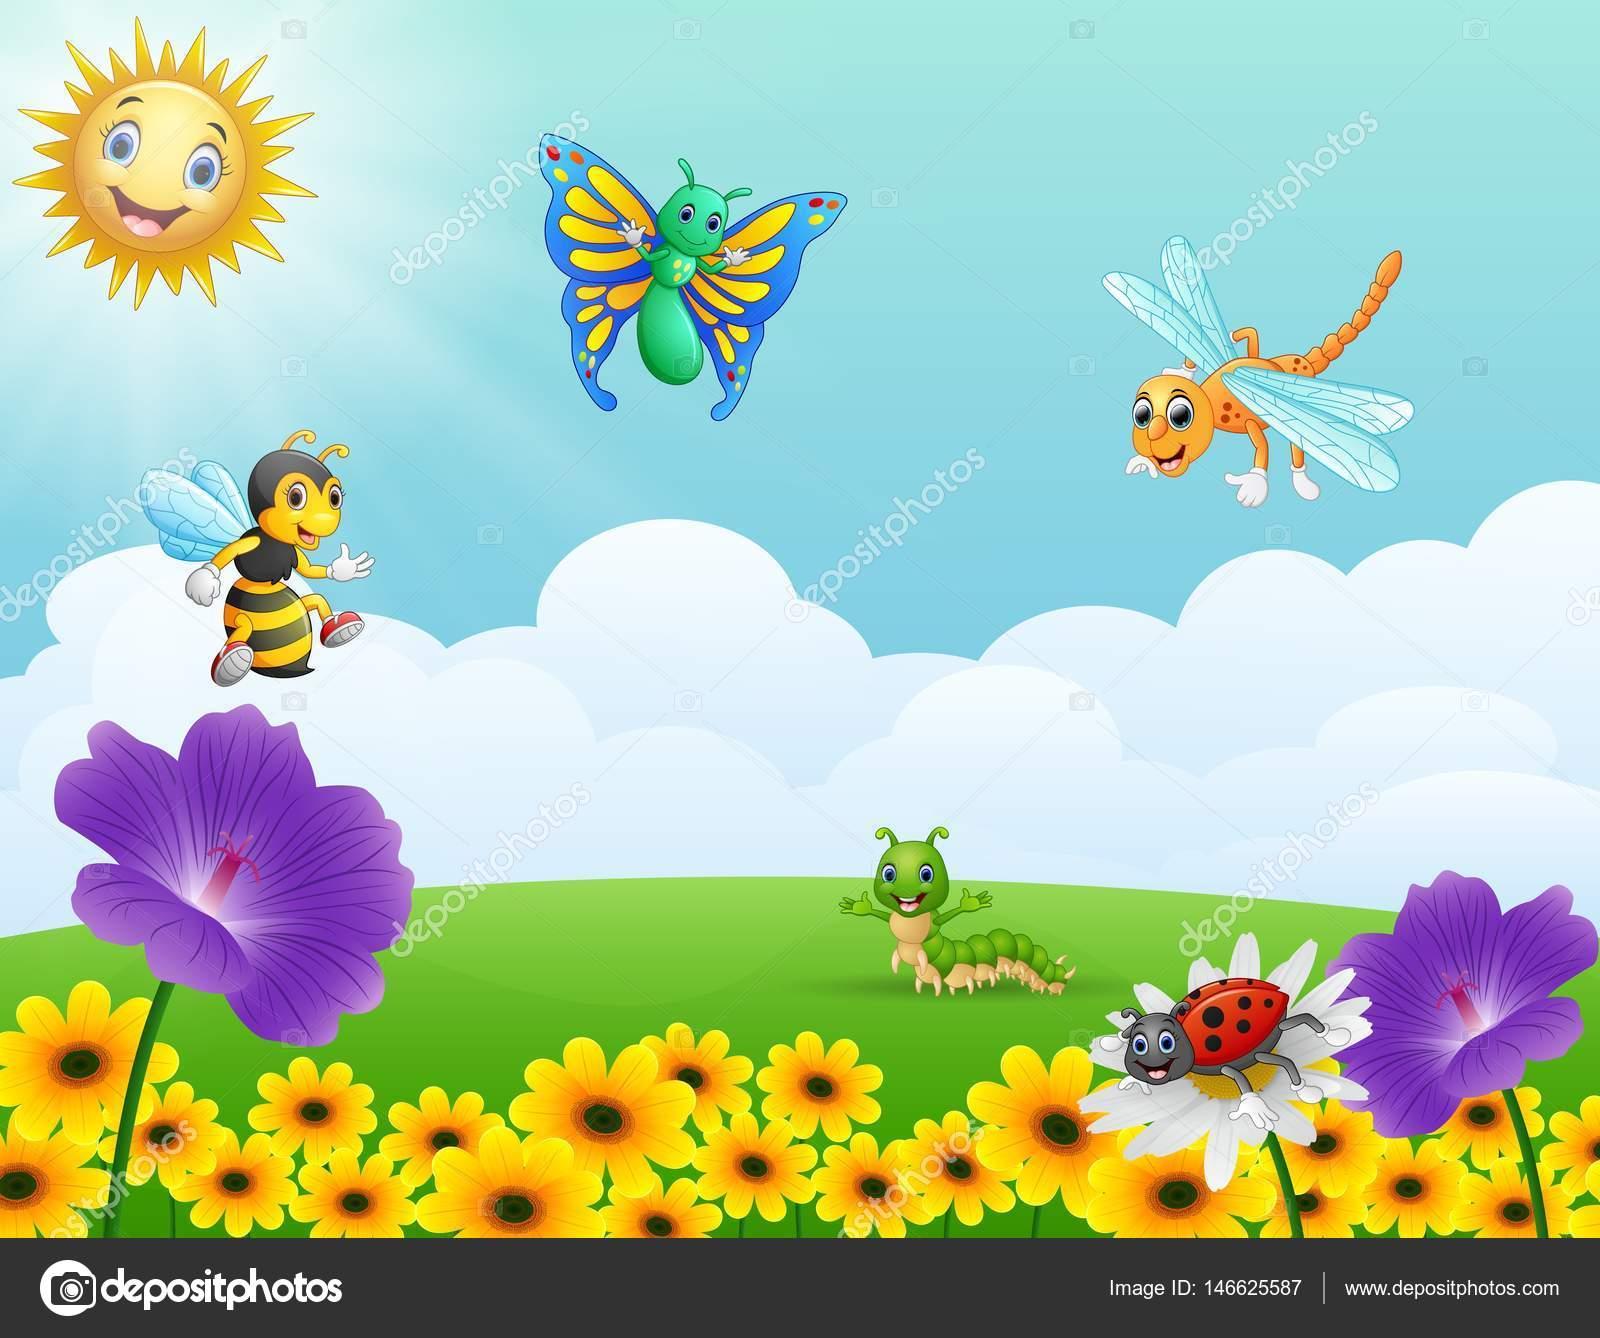 Dibujos animados de insectos en el jard n archivo for Jardin dibujo